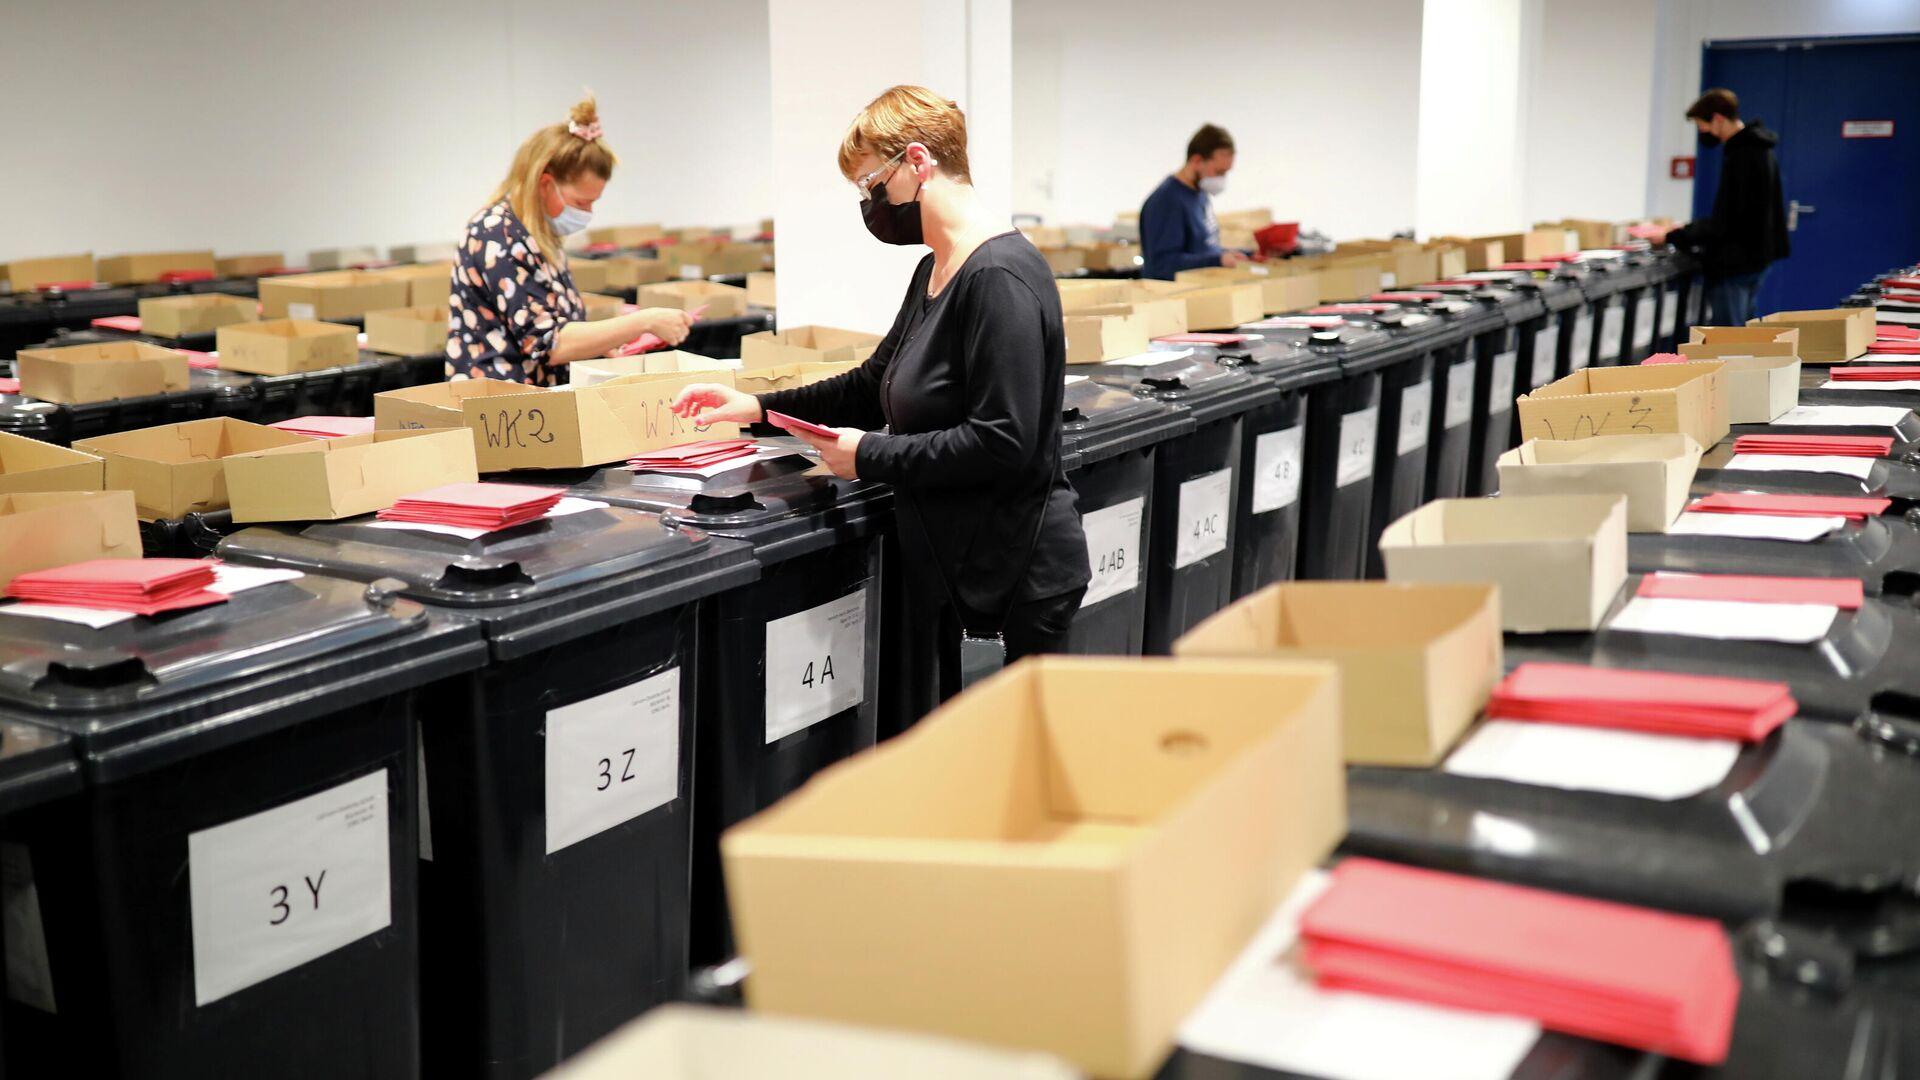 Конверты с открепительными удостоверениями, подготовленные к выборам в Германии - РИА Новости, 1920, 25.09.2021